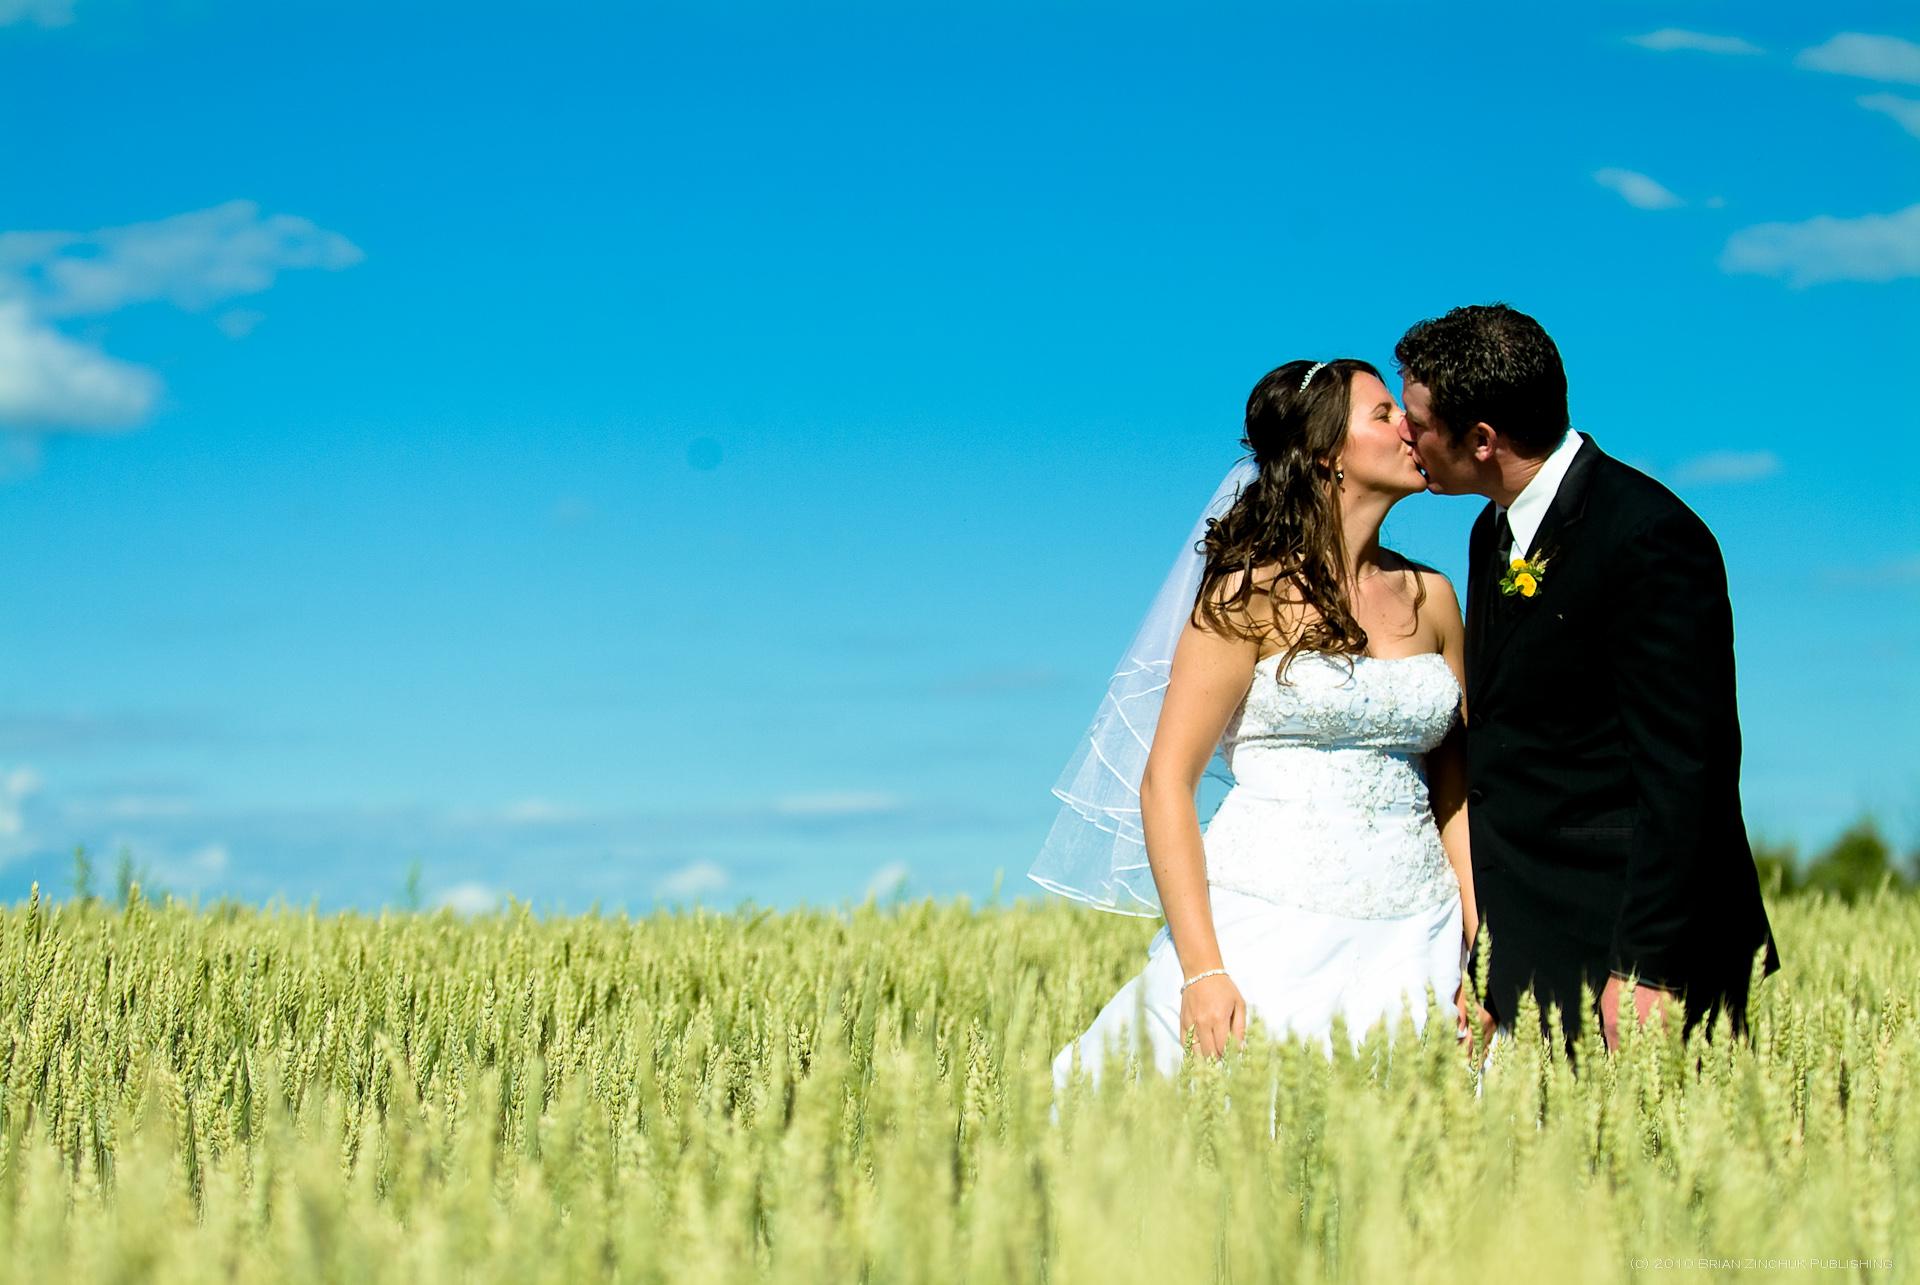 Free wedding promo 2011 brian zinchuk publishing get your wedding photography free junglespirit Images